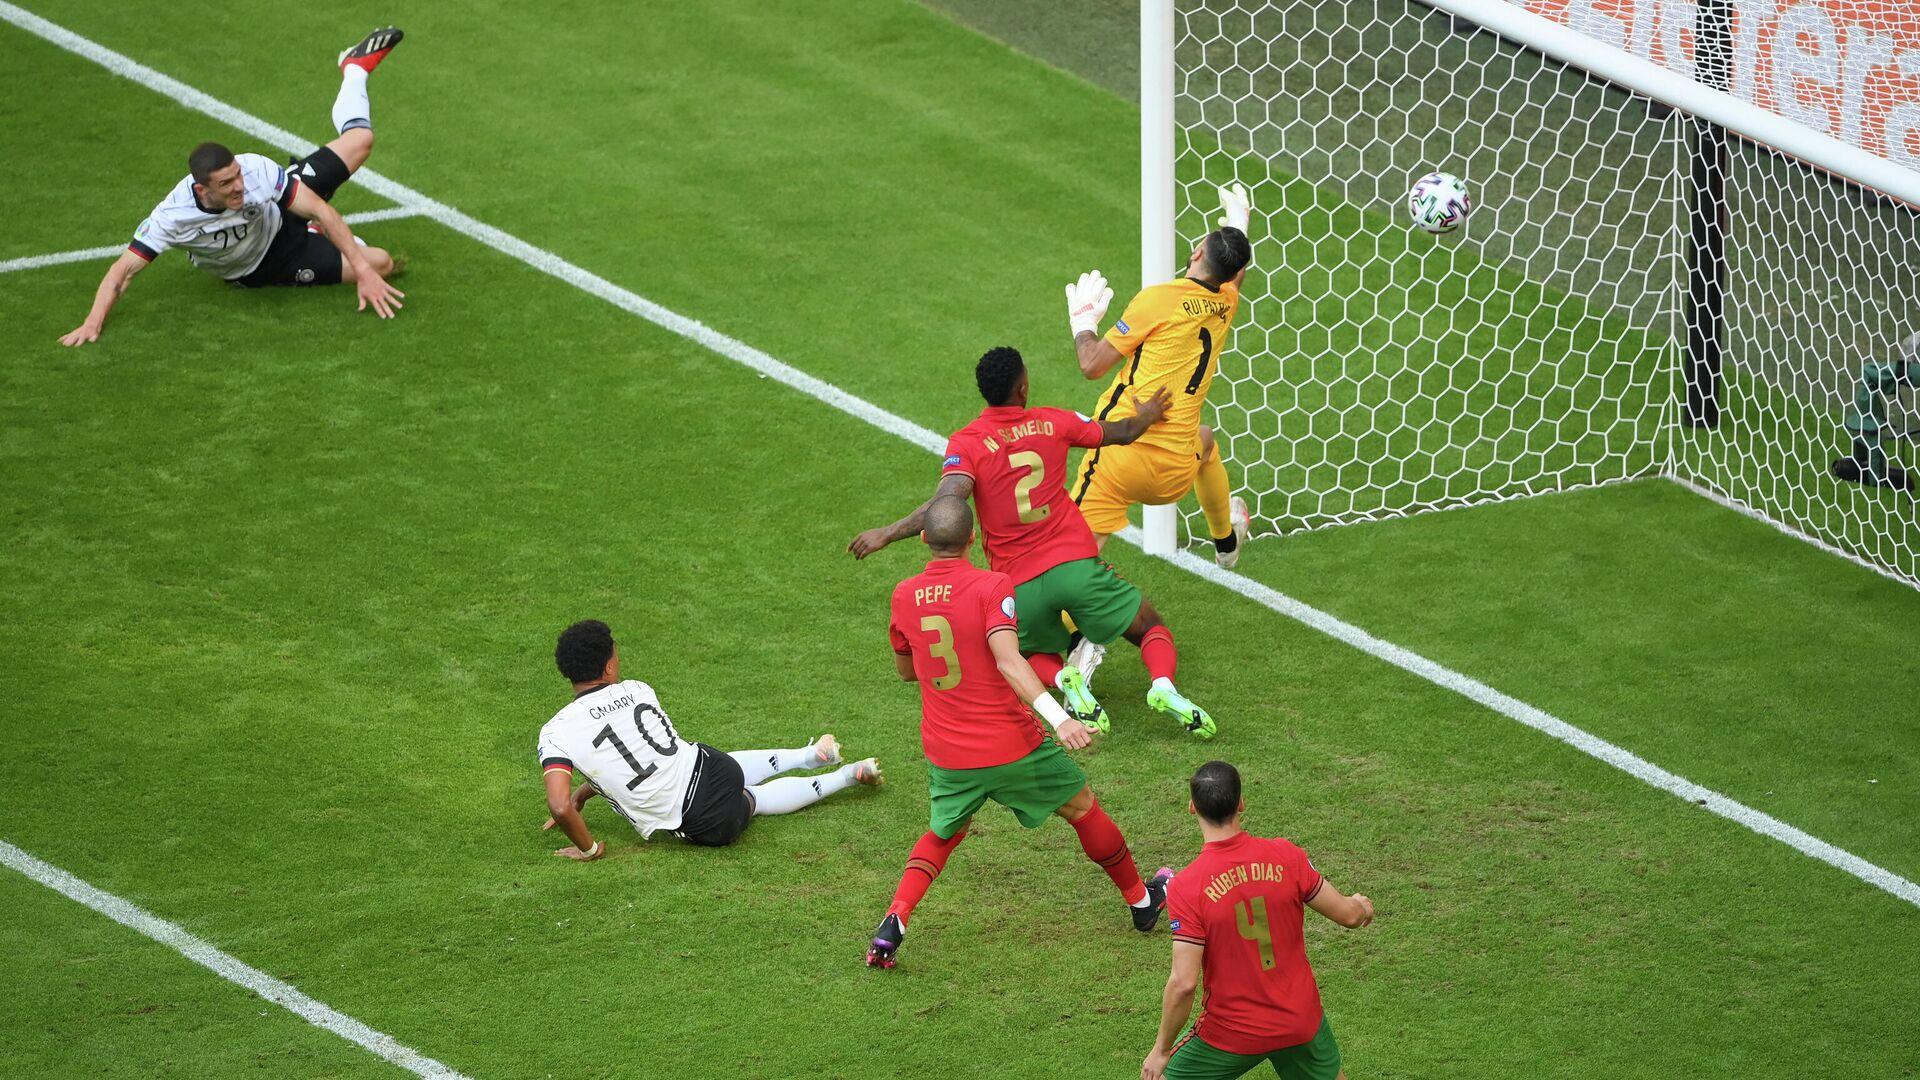 Игровой момент матча Португалия - Германия - РИА Новости, 1920, 19.06.2021